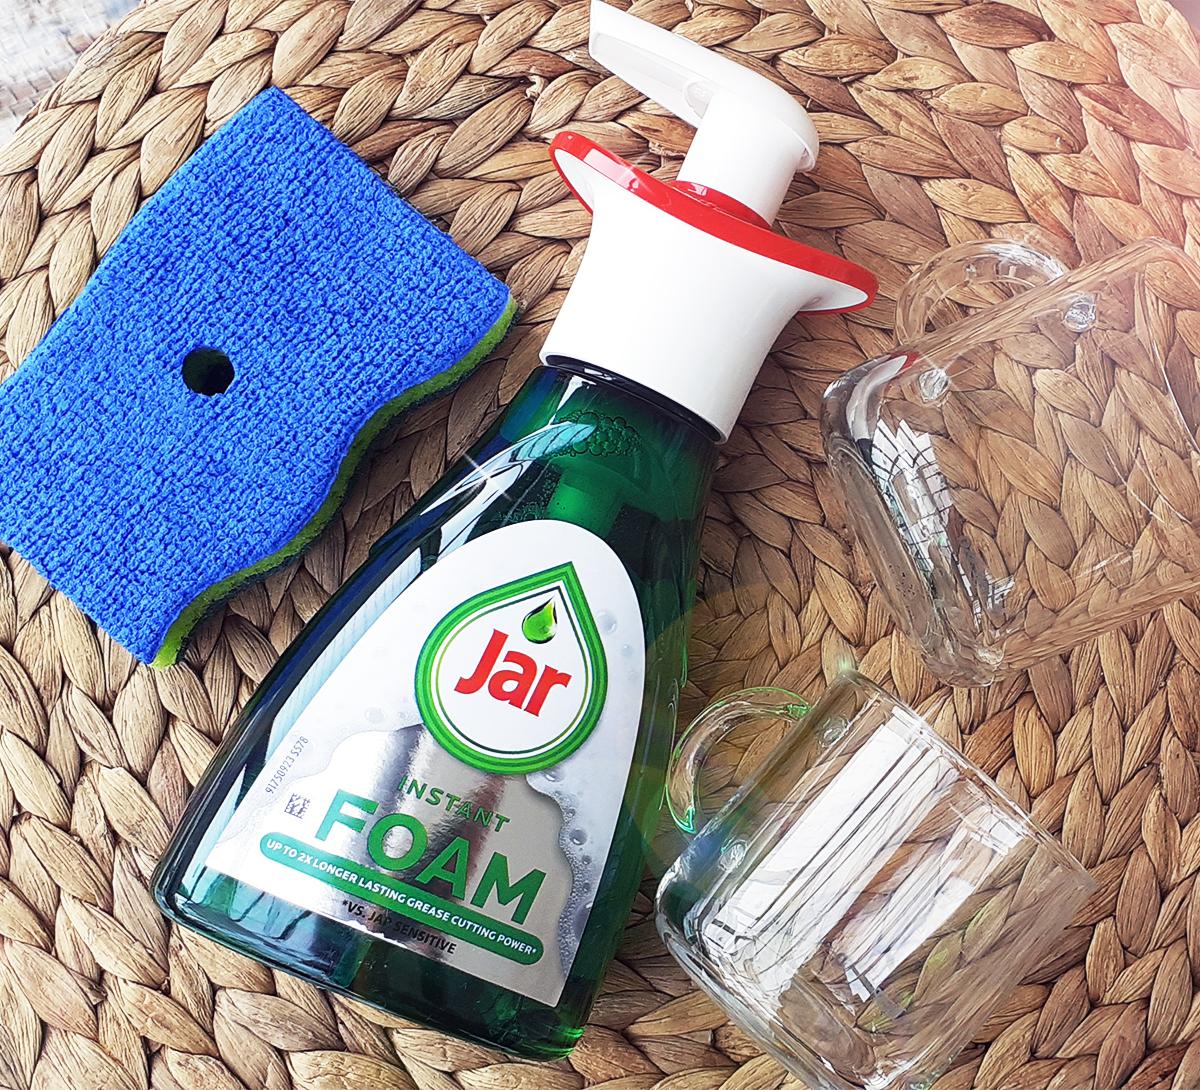 Így csökkentheted ökológiai lábnyomodat a JAR mosogatószerekkel